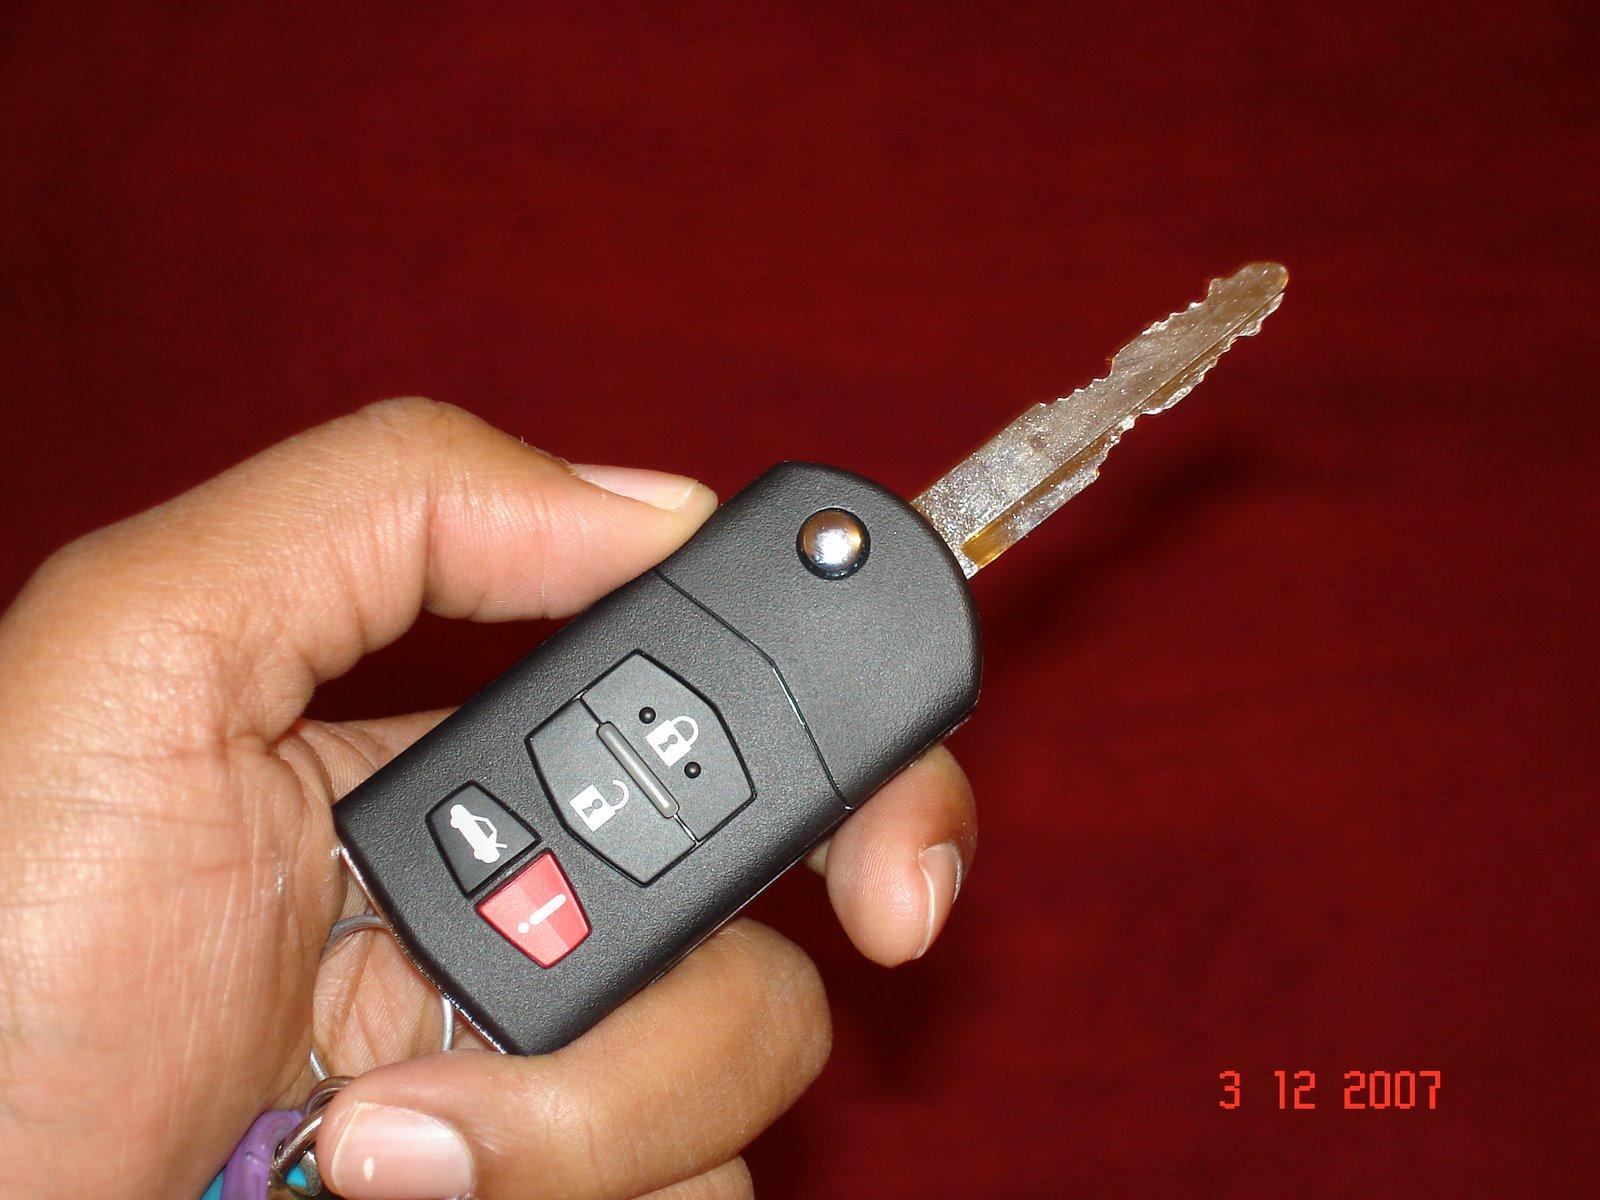 Mazda Mazda6: Keys